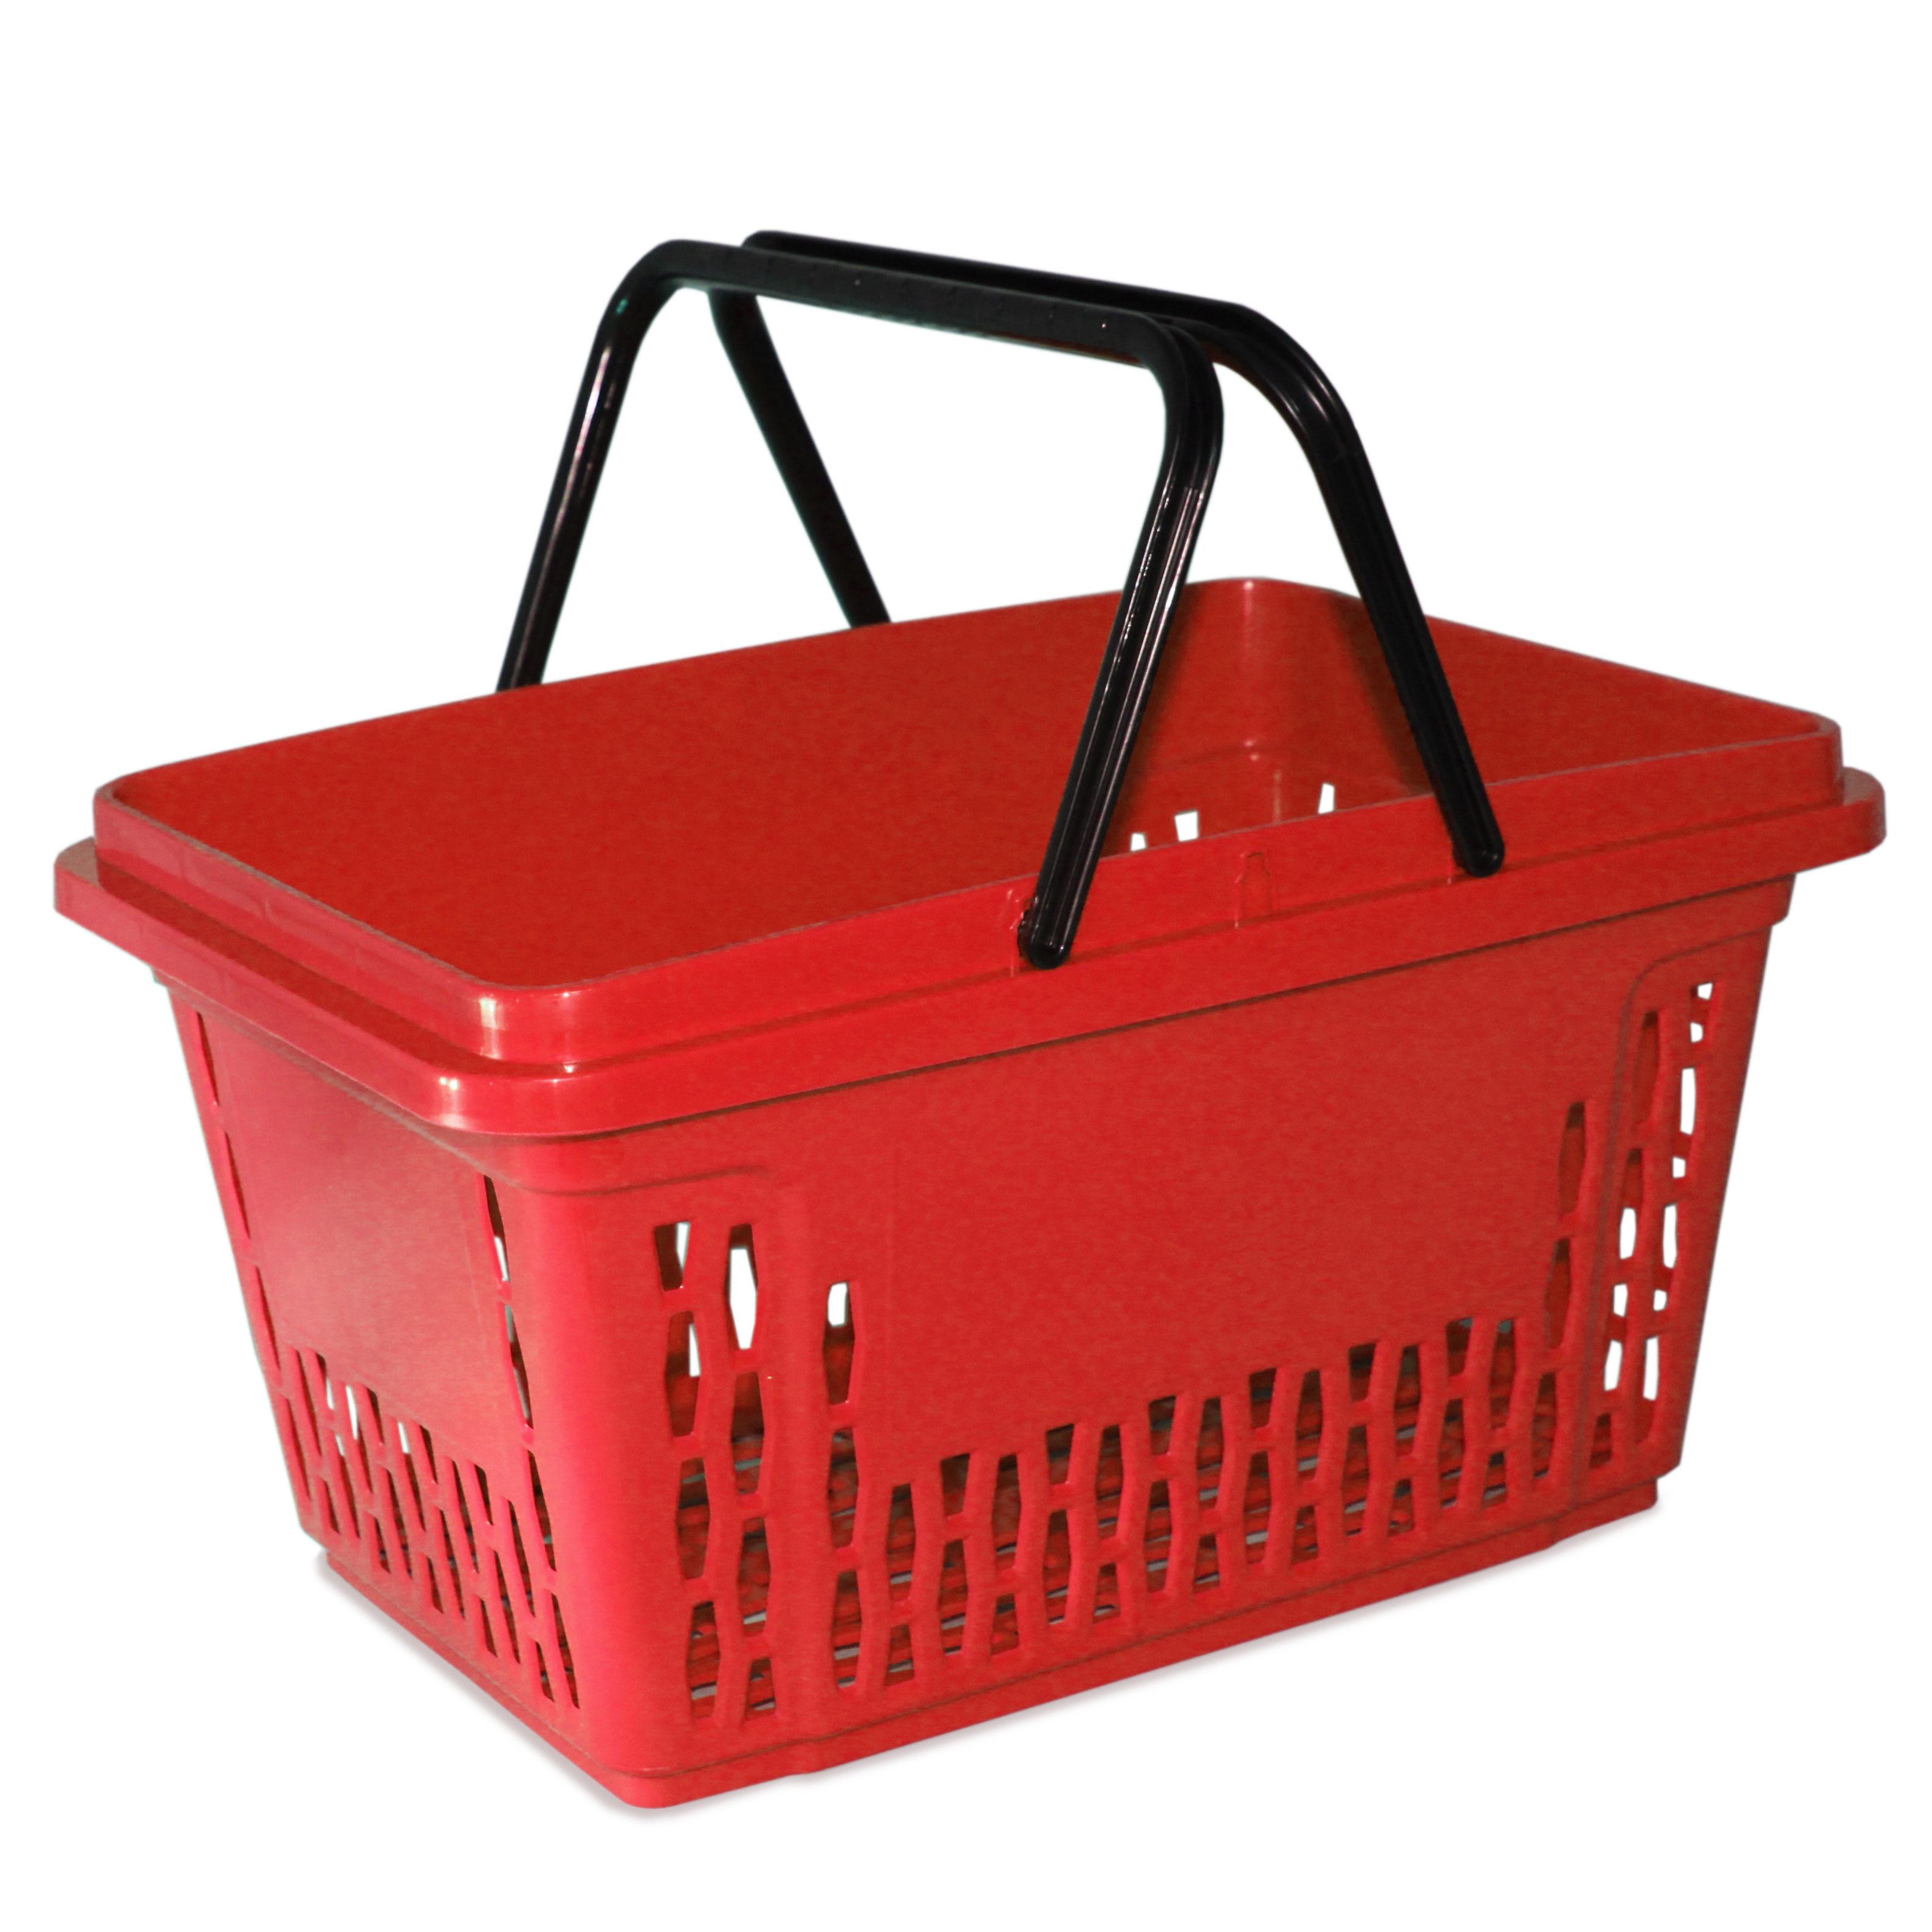 Einkaufskorb mit 2 Bügel, 40 Liter, rot